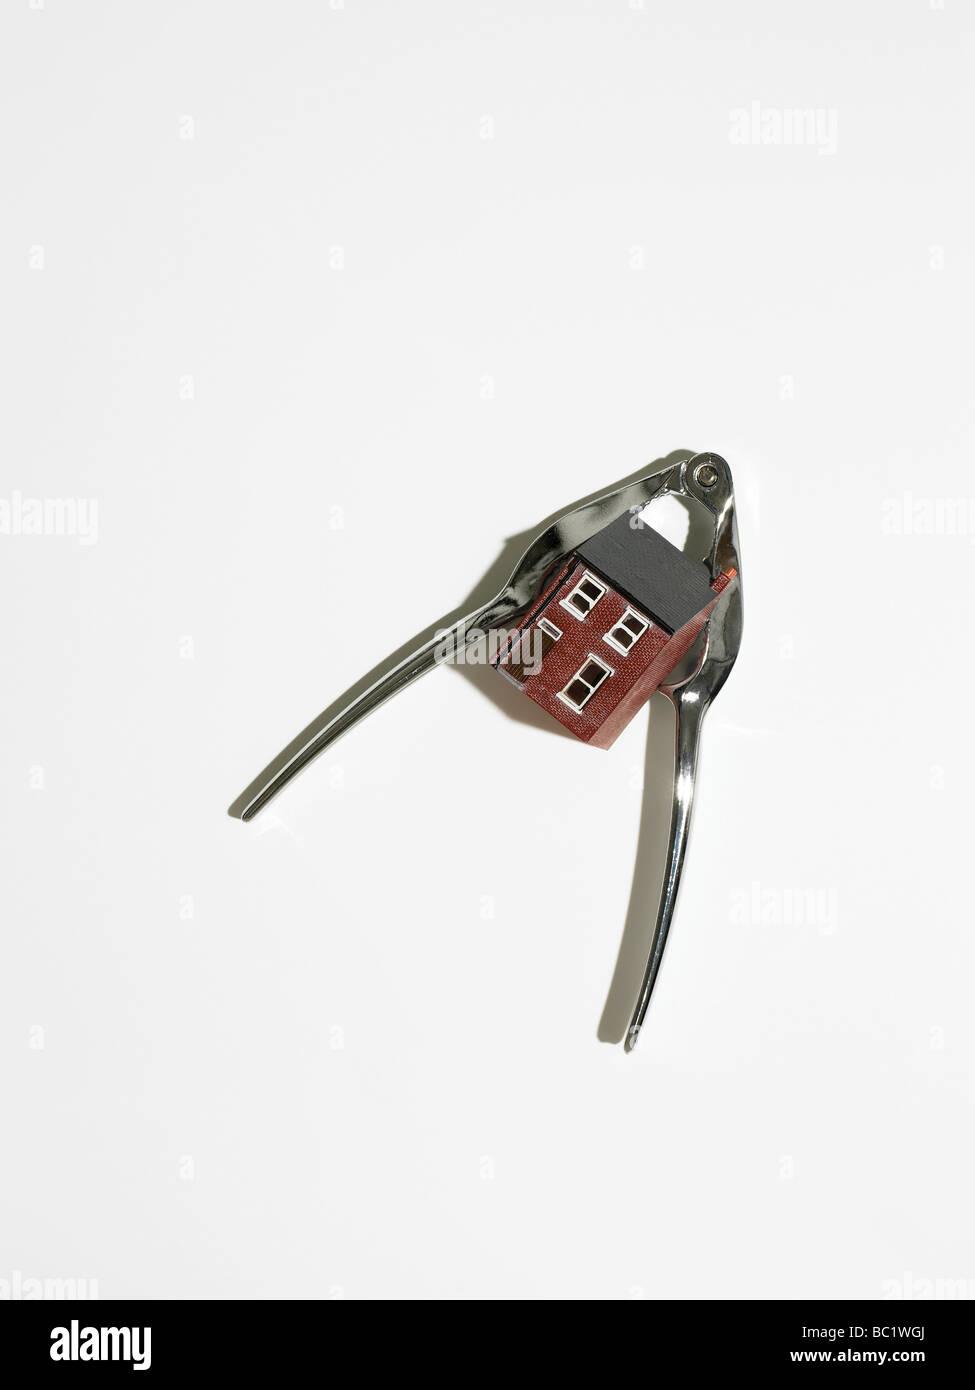 model house in nut cracker - Stock Image